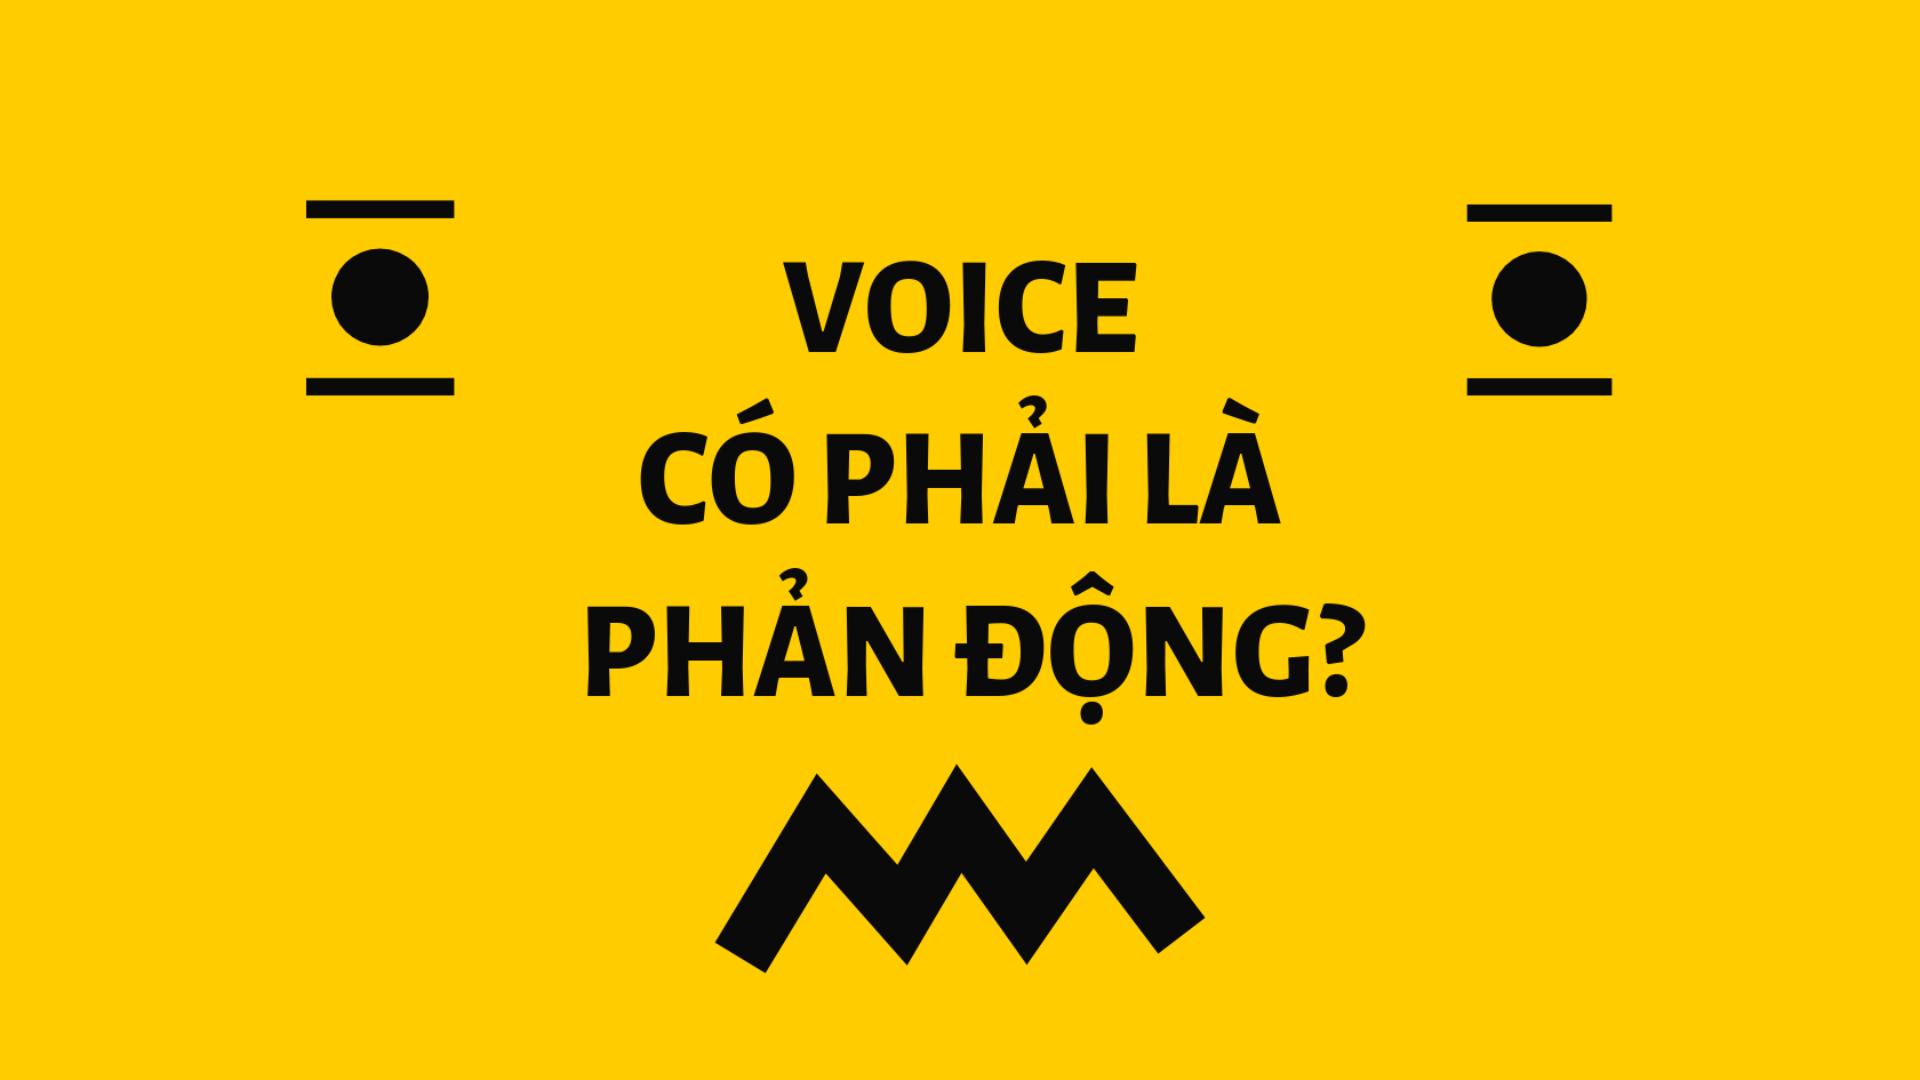 (Tiếng Việt) Giải đáp: Học bổng Xã hội Dân sự VOICE có phải là phản động?